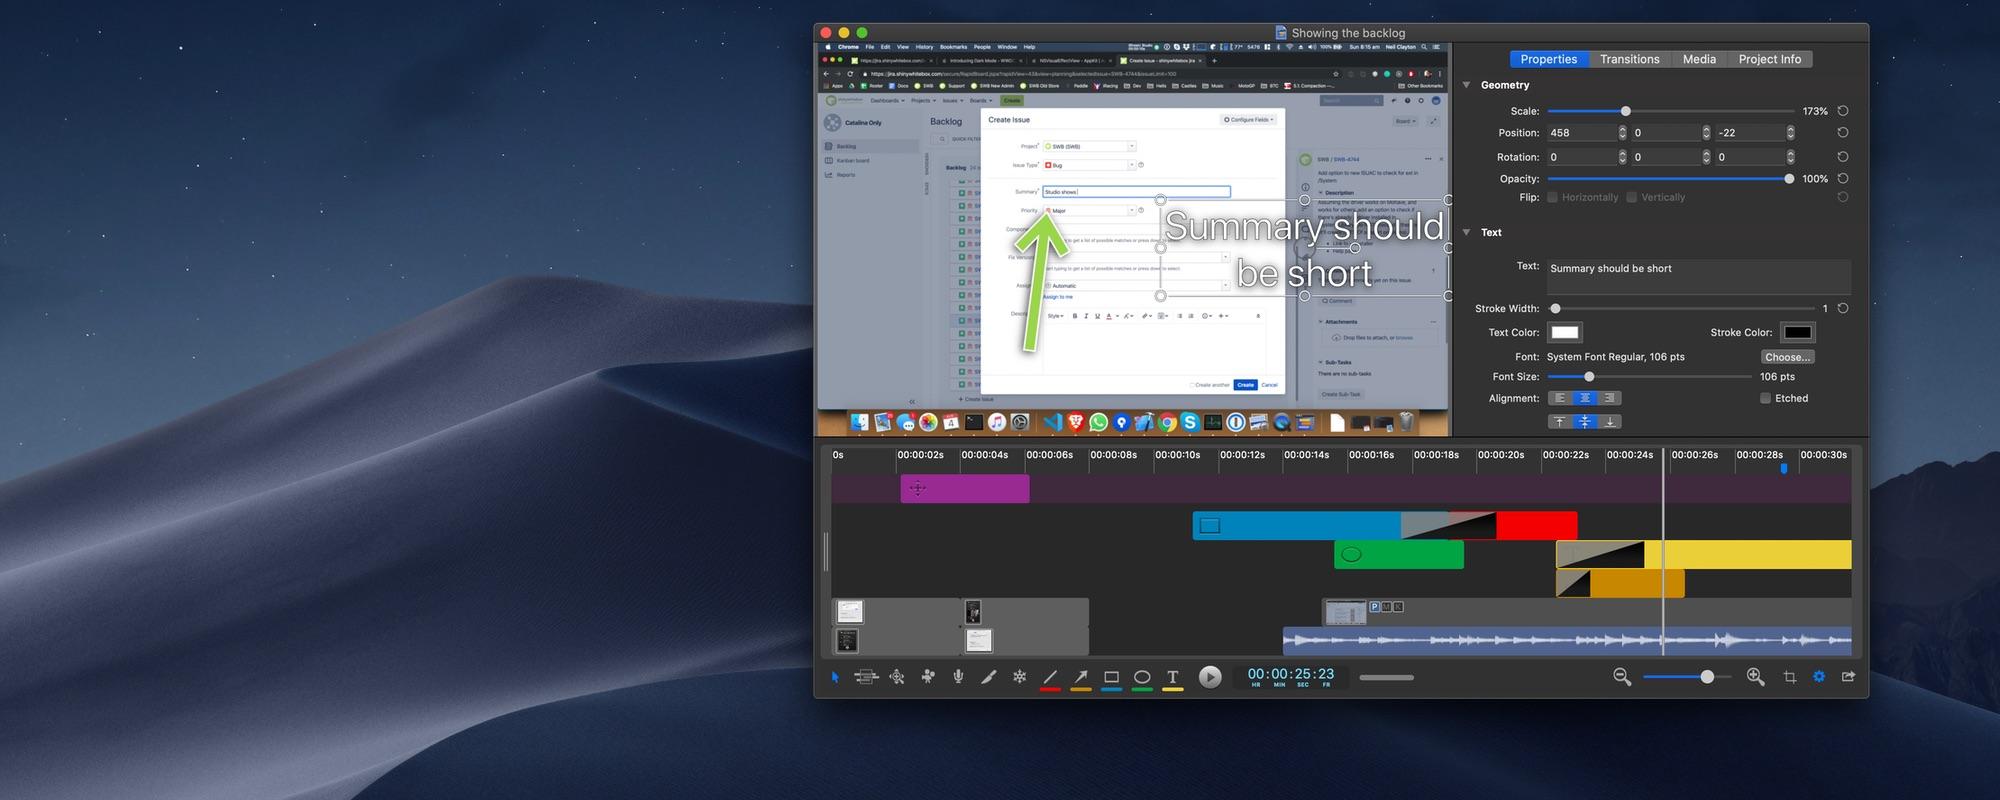 iShowU Studio 2.3.6 Mac 破解版 屏幕摄像头录像工具